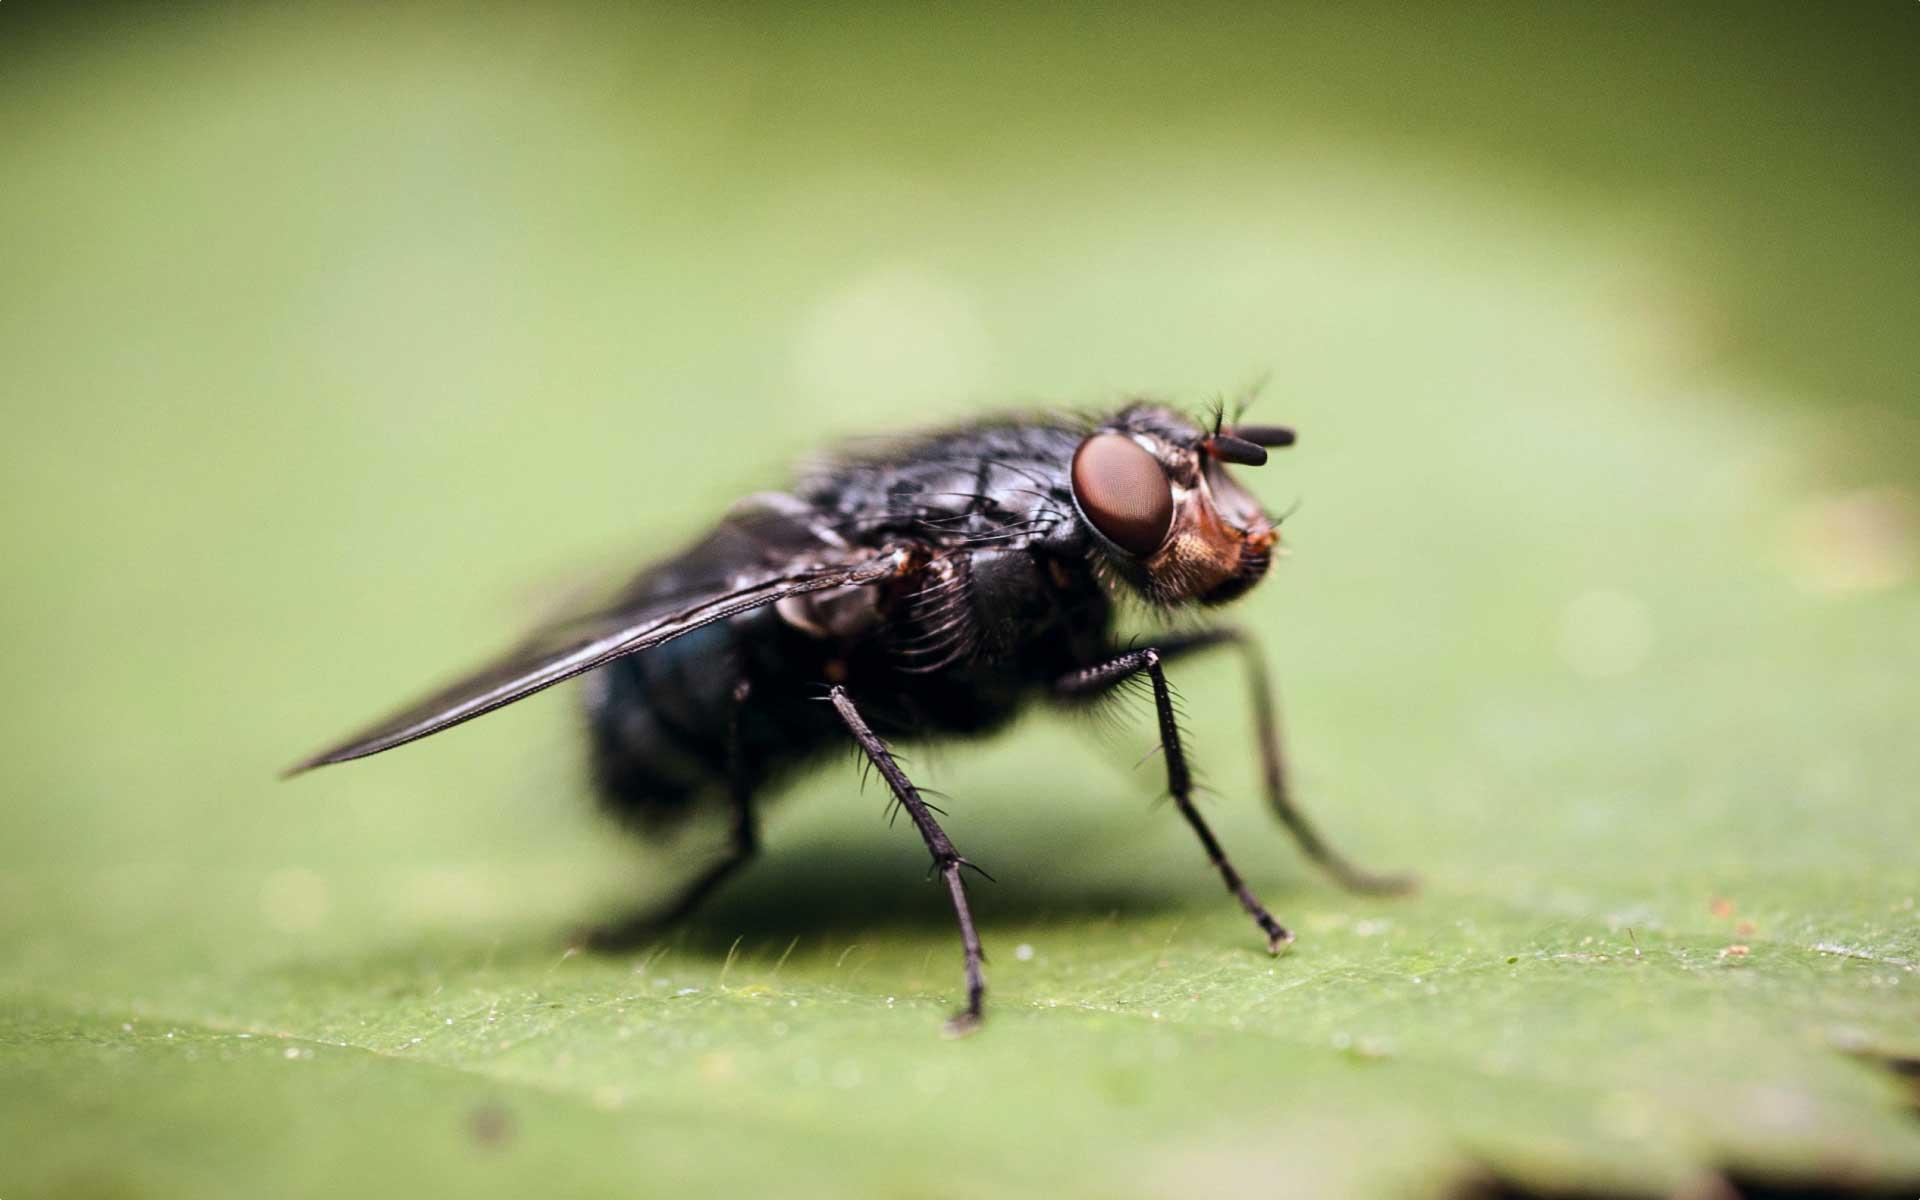 Haut & Insektenabwehr